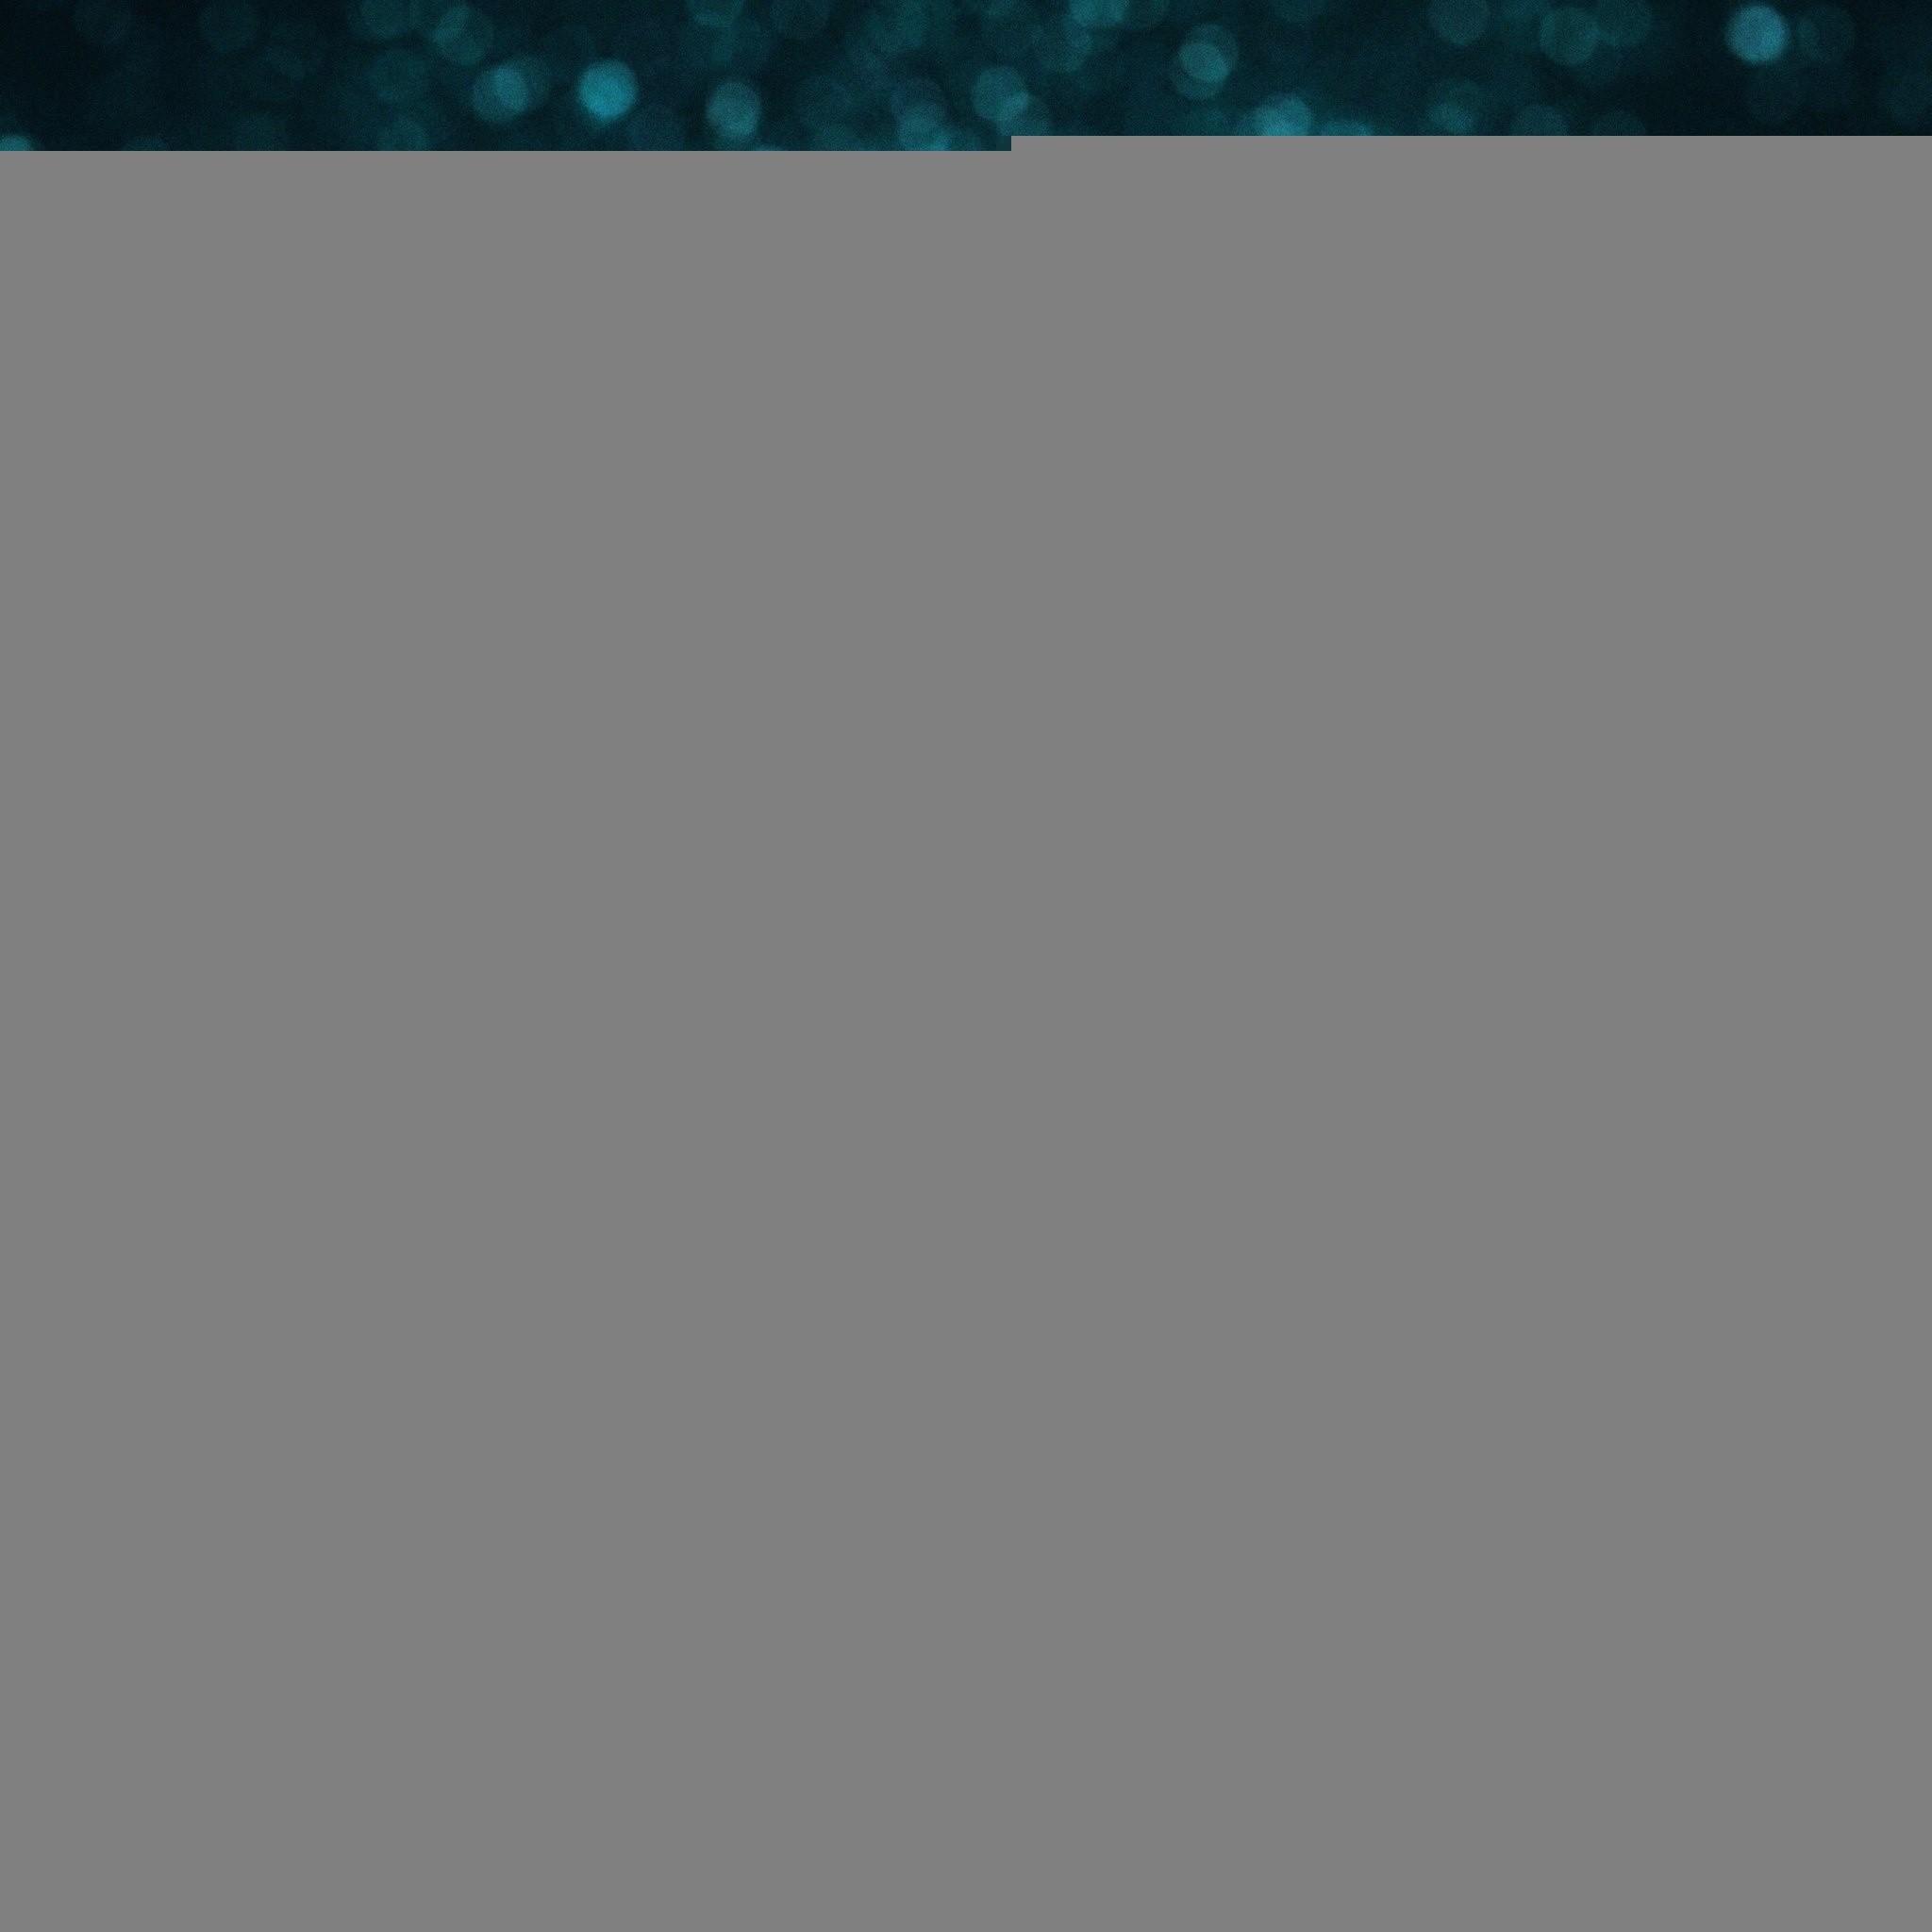 7573 18: Starry Night Sky Stars iPad wallpaper